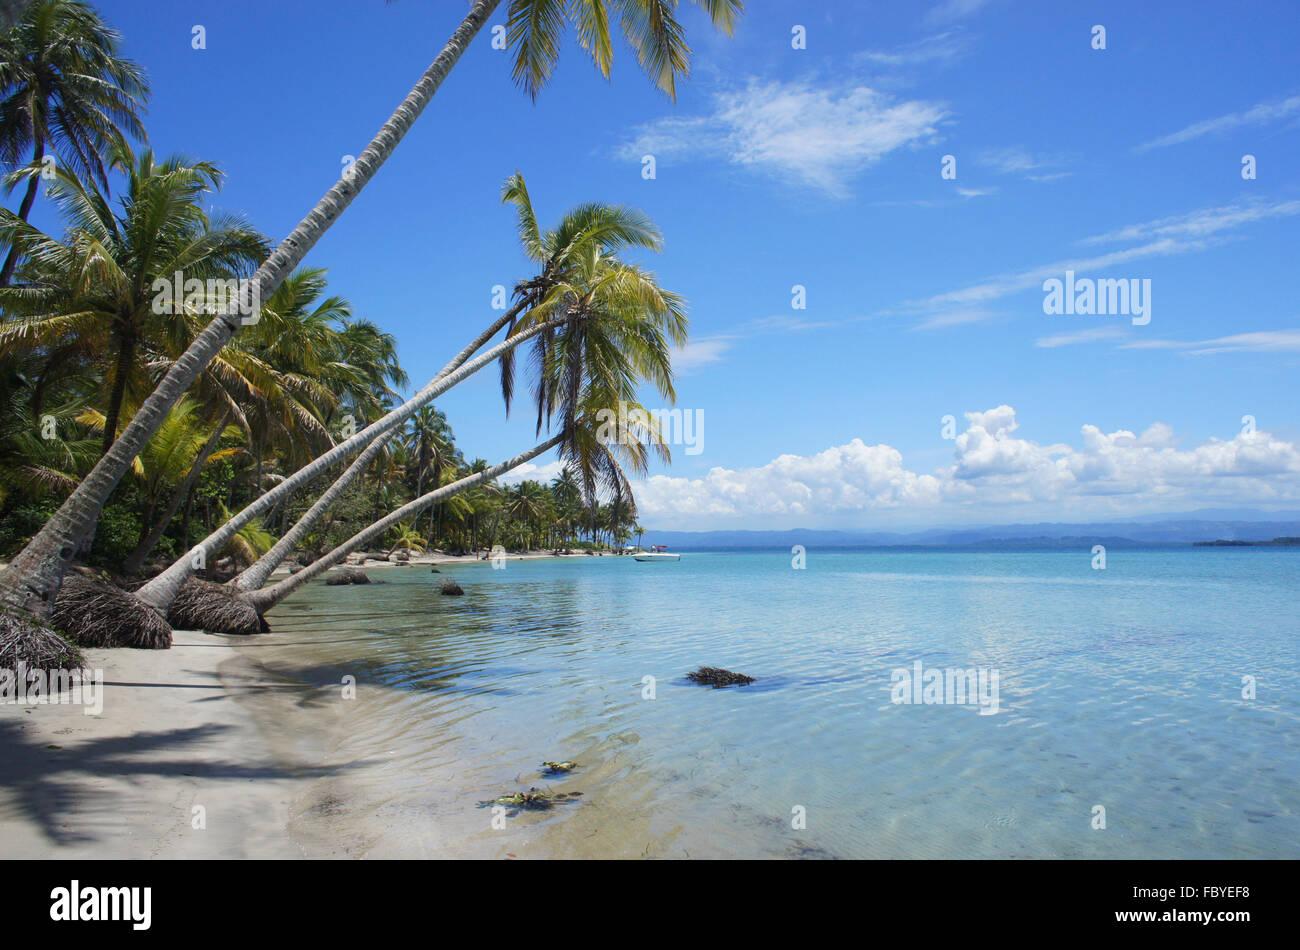 Karibischen Traumstrand Stockbild